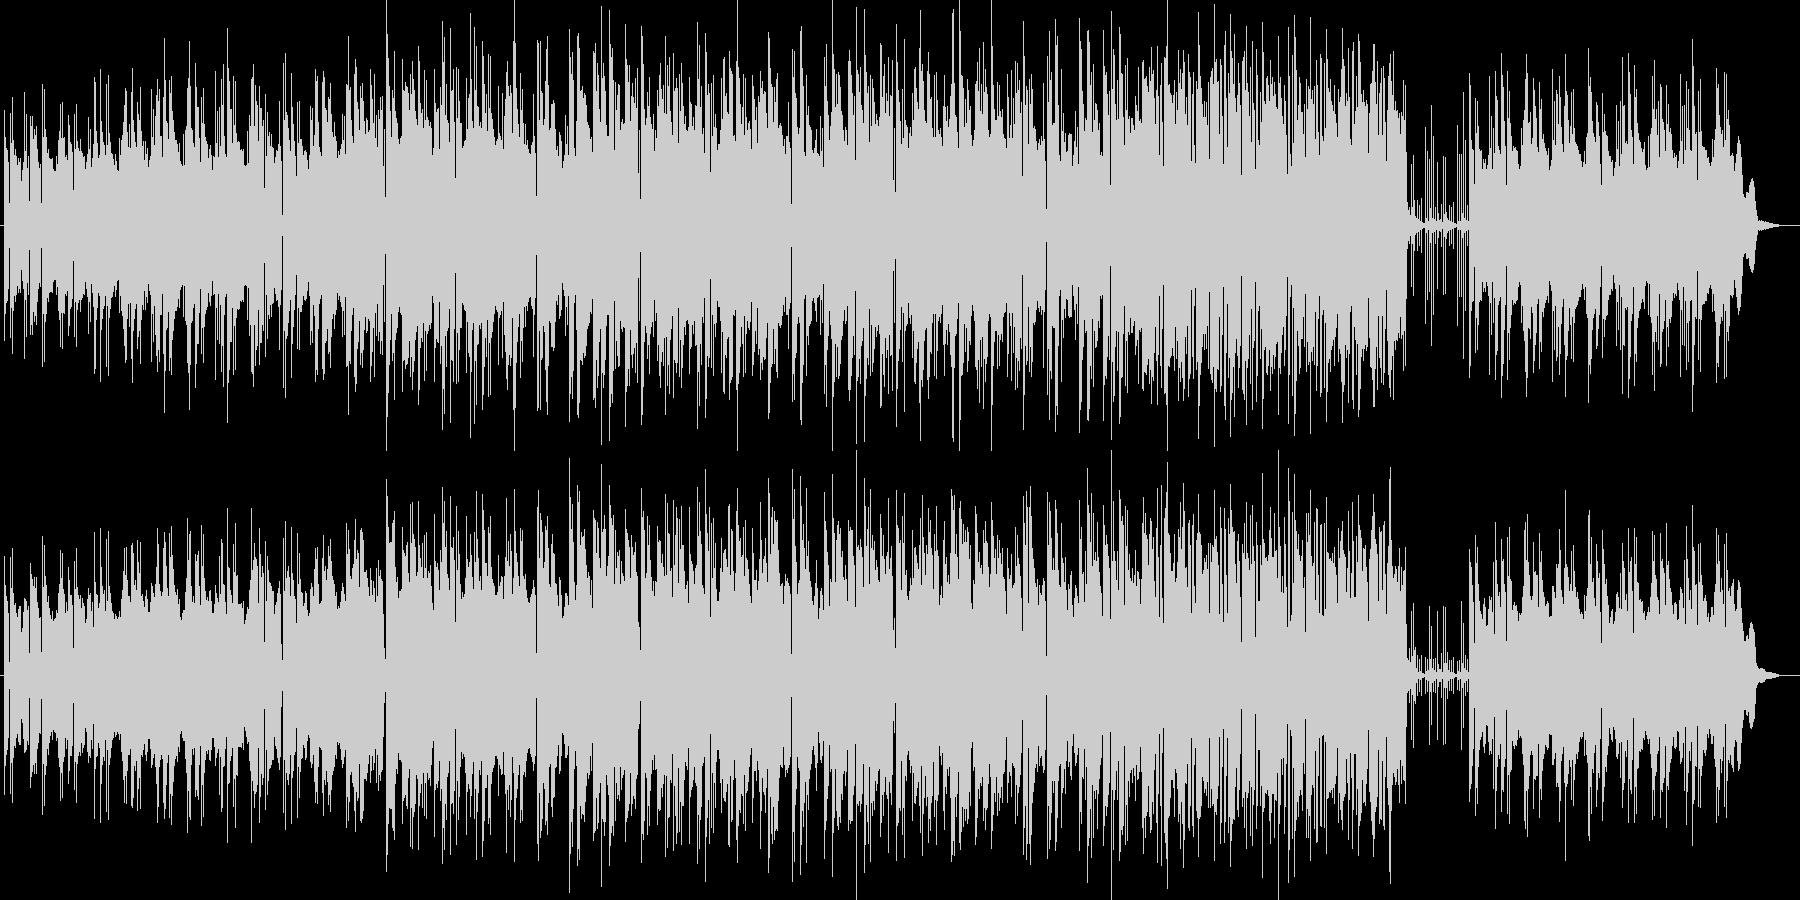 まったりと流れるシンセサイザーサウンドの未再生の波形